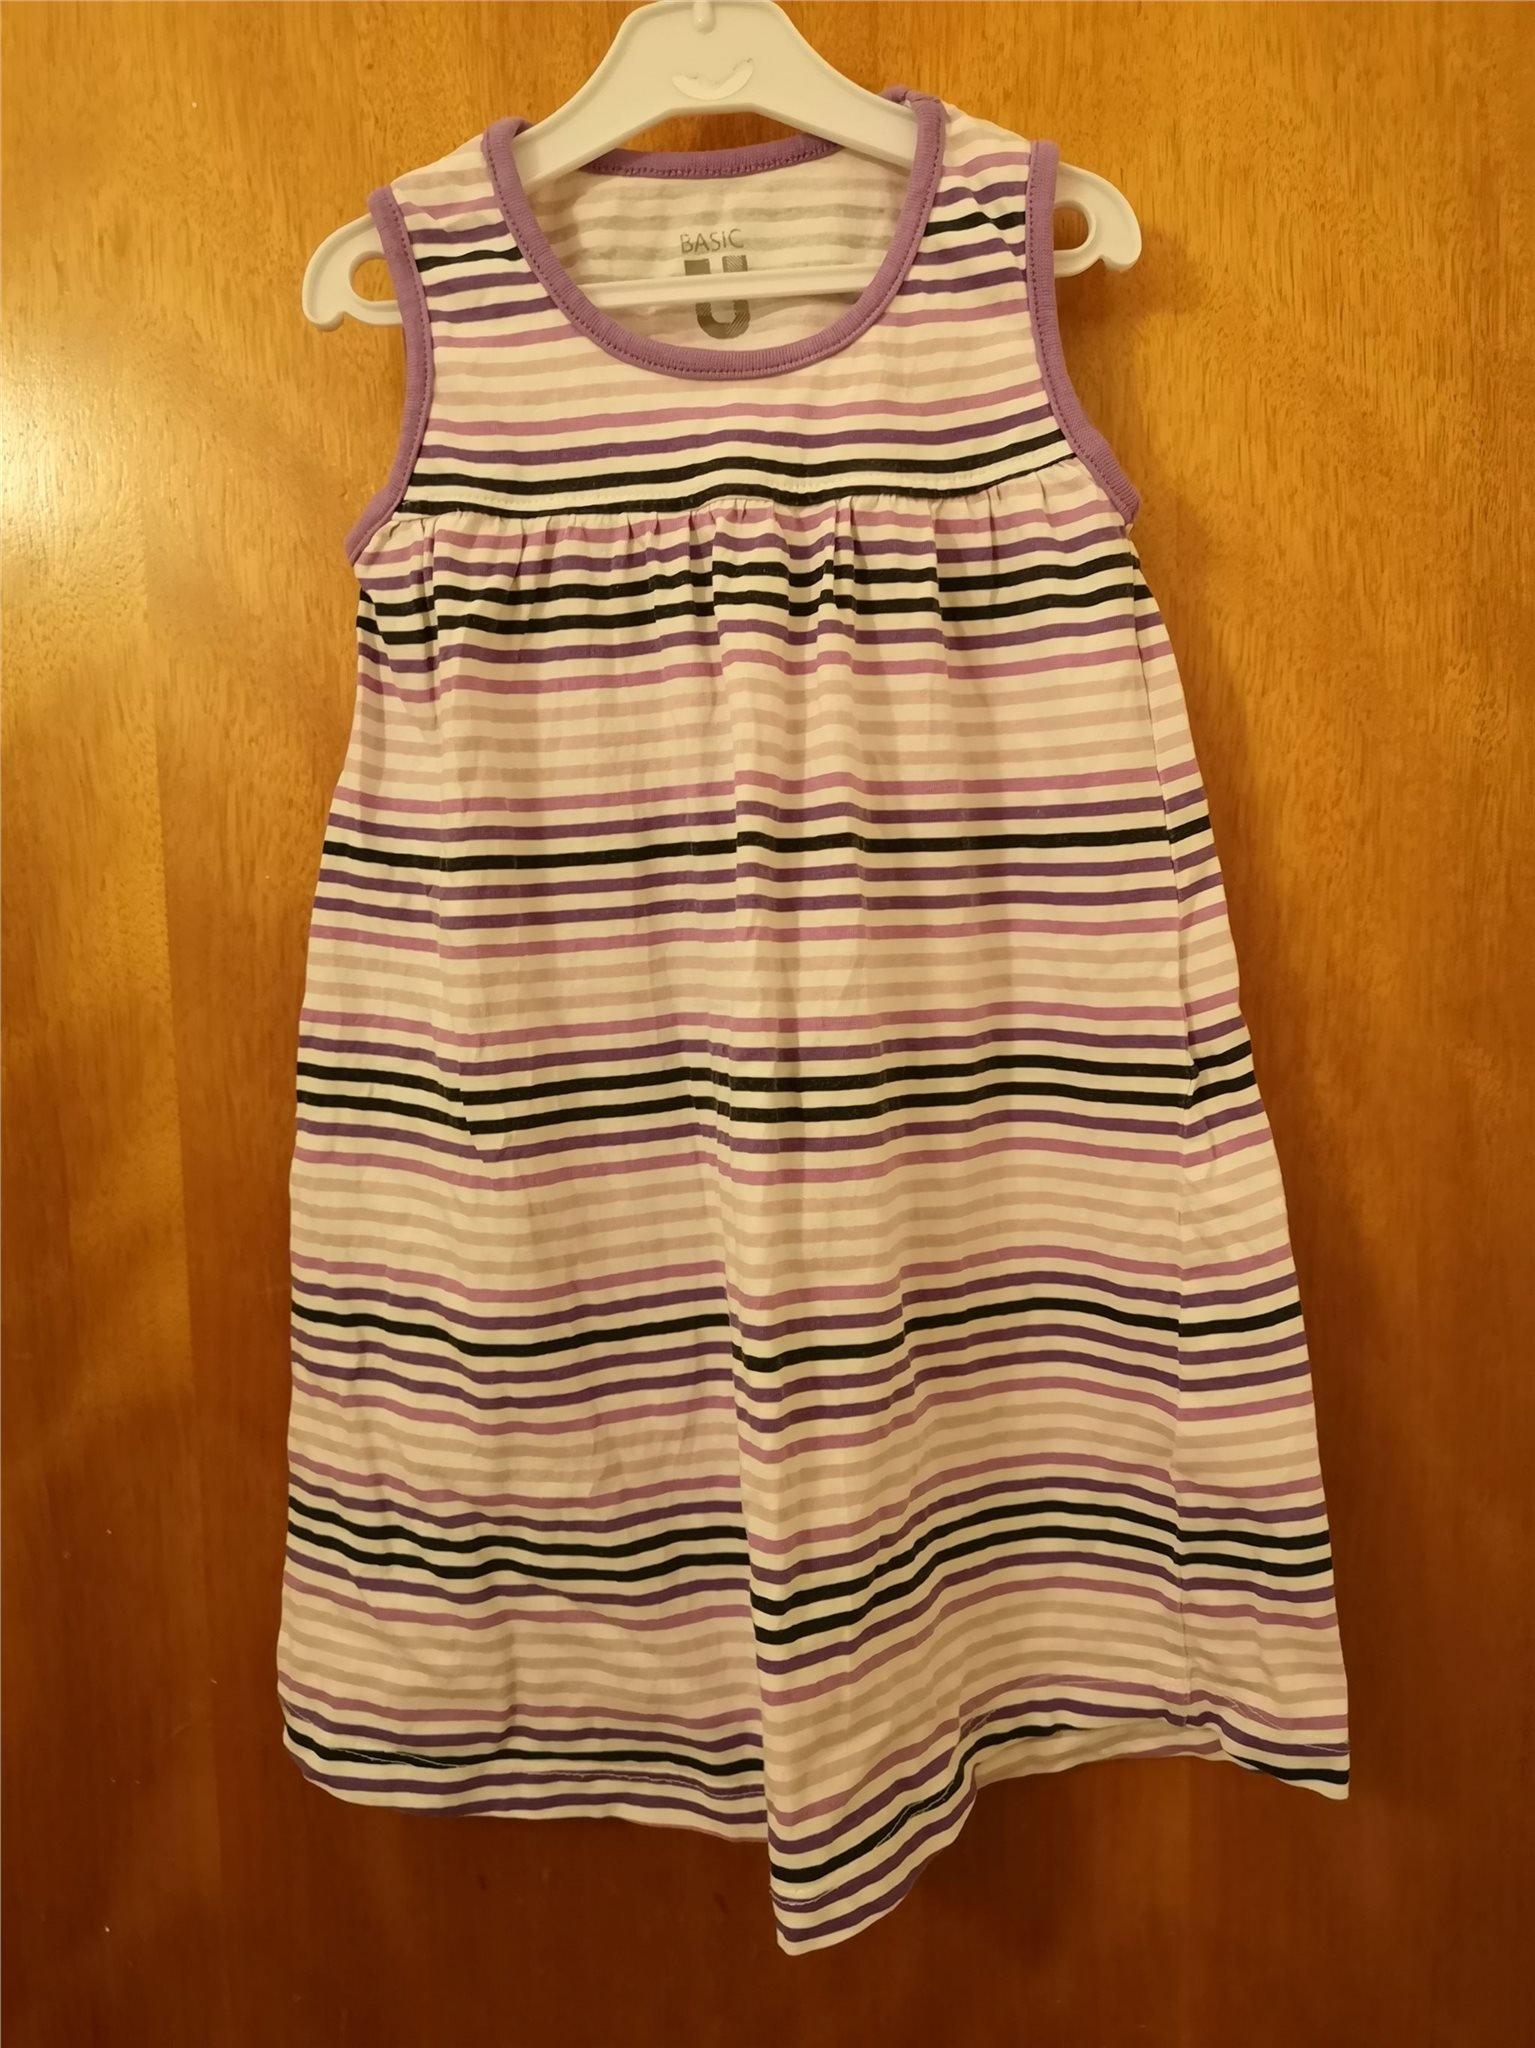 55e213fe1594 Lila randig klänning stl 92. (347712716) ᐈ Köp på Tradera